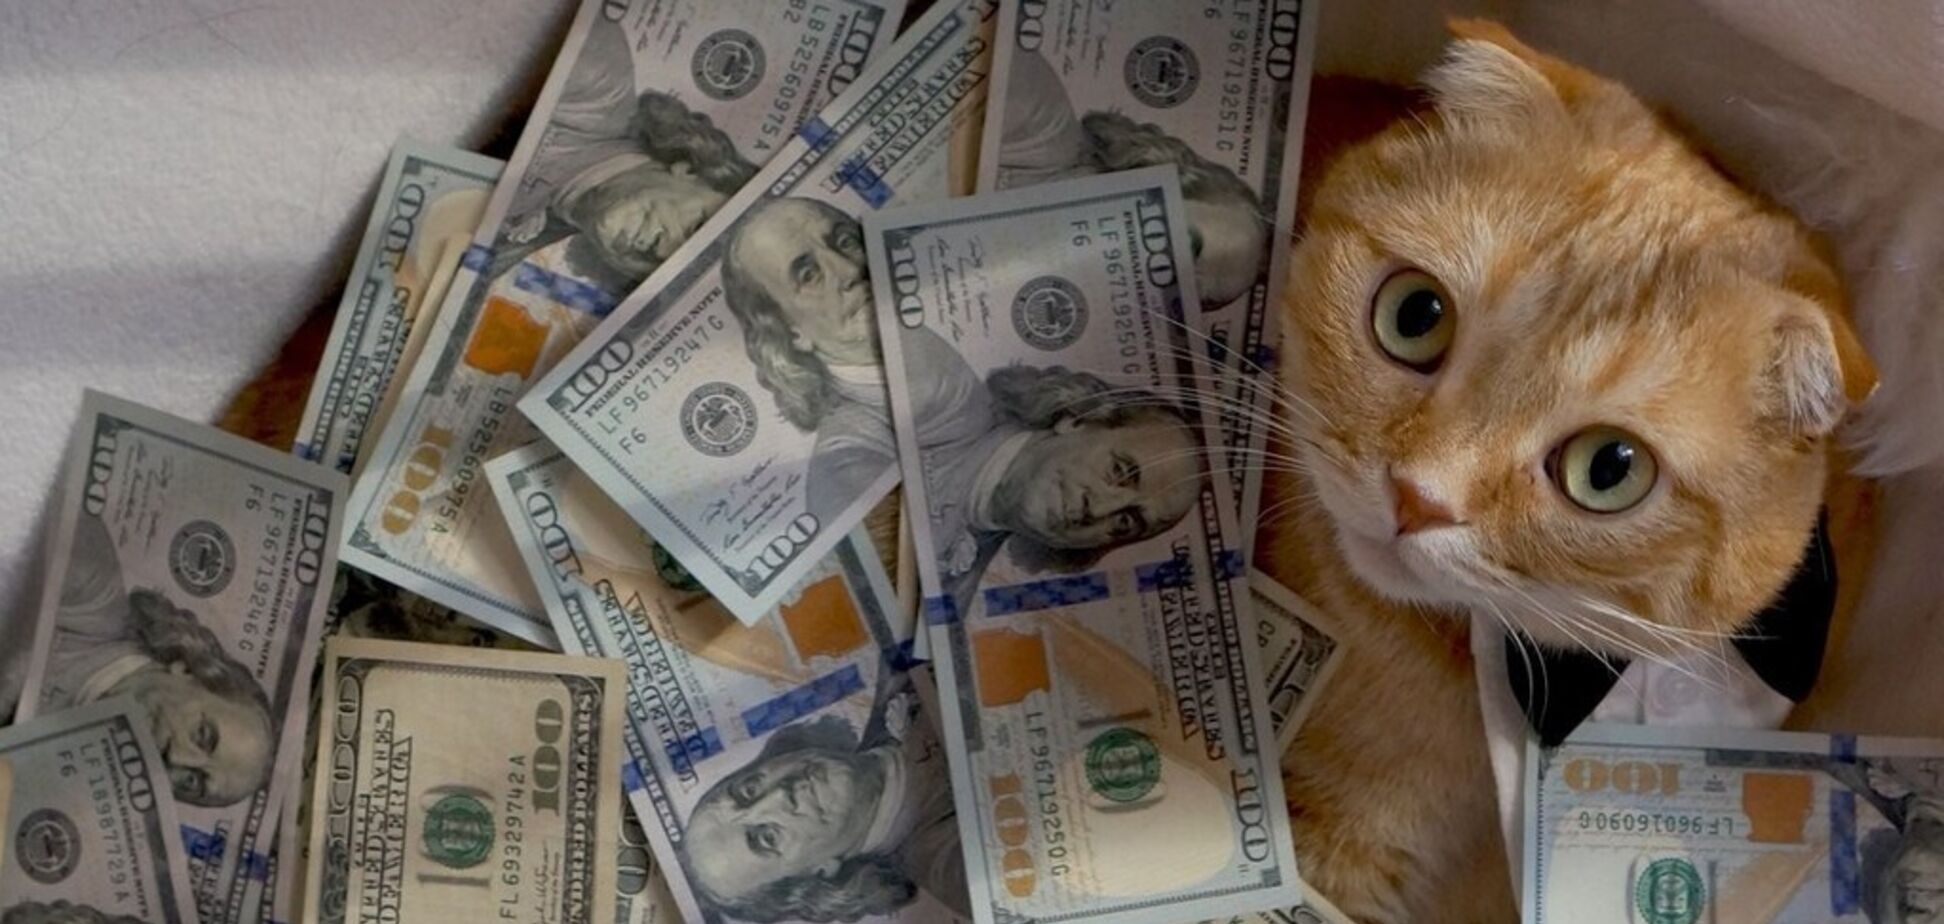 Пятница 13-го: маг рассказал, как сделать денежный талисман